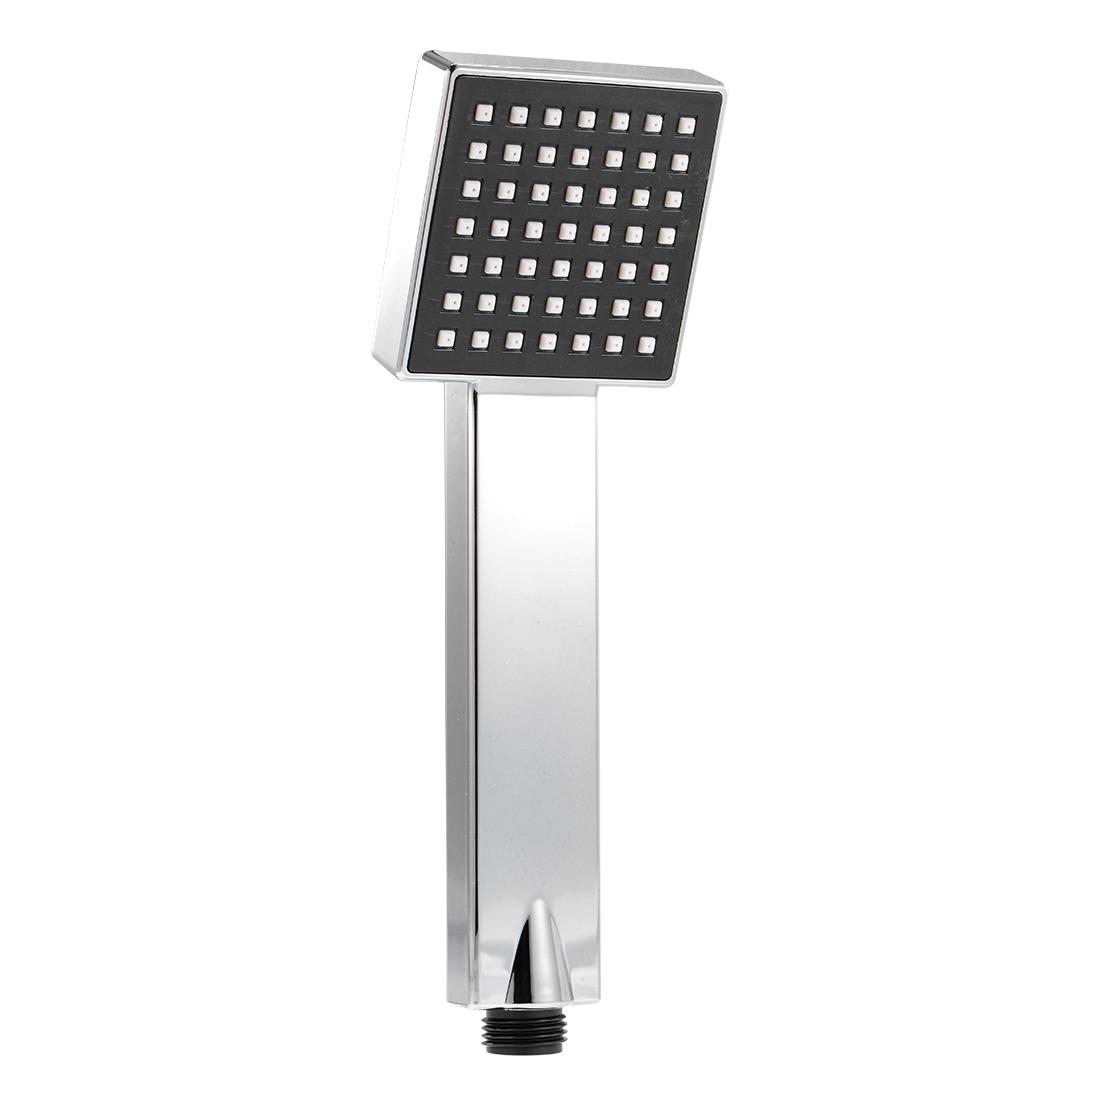 3 inch Handheld Shower Head Rain Shower G1/2 ABS Shower Head